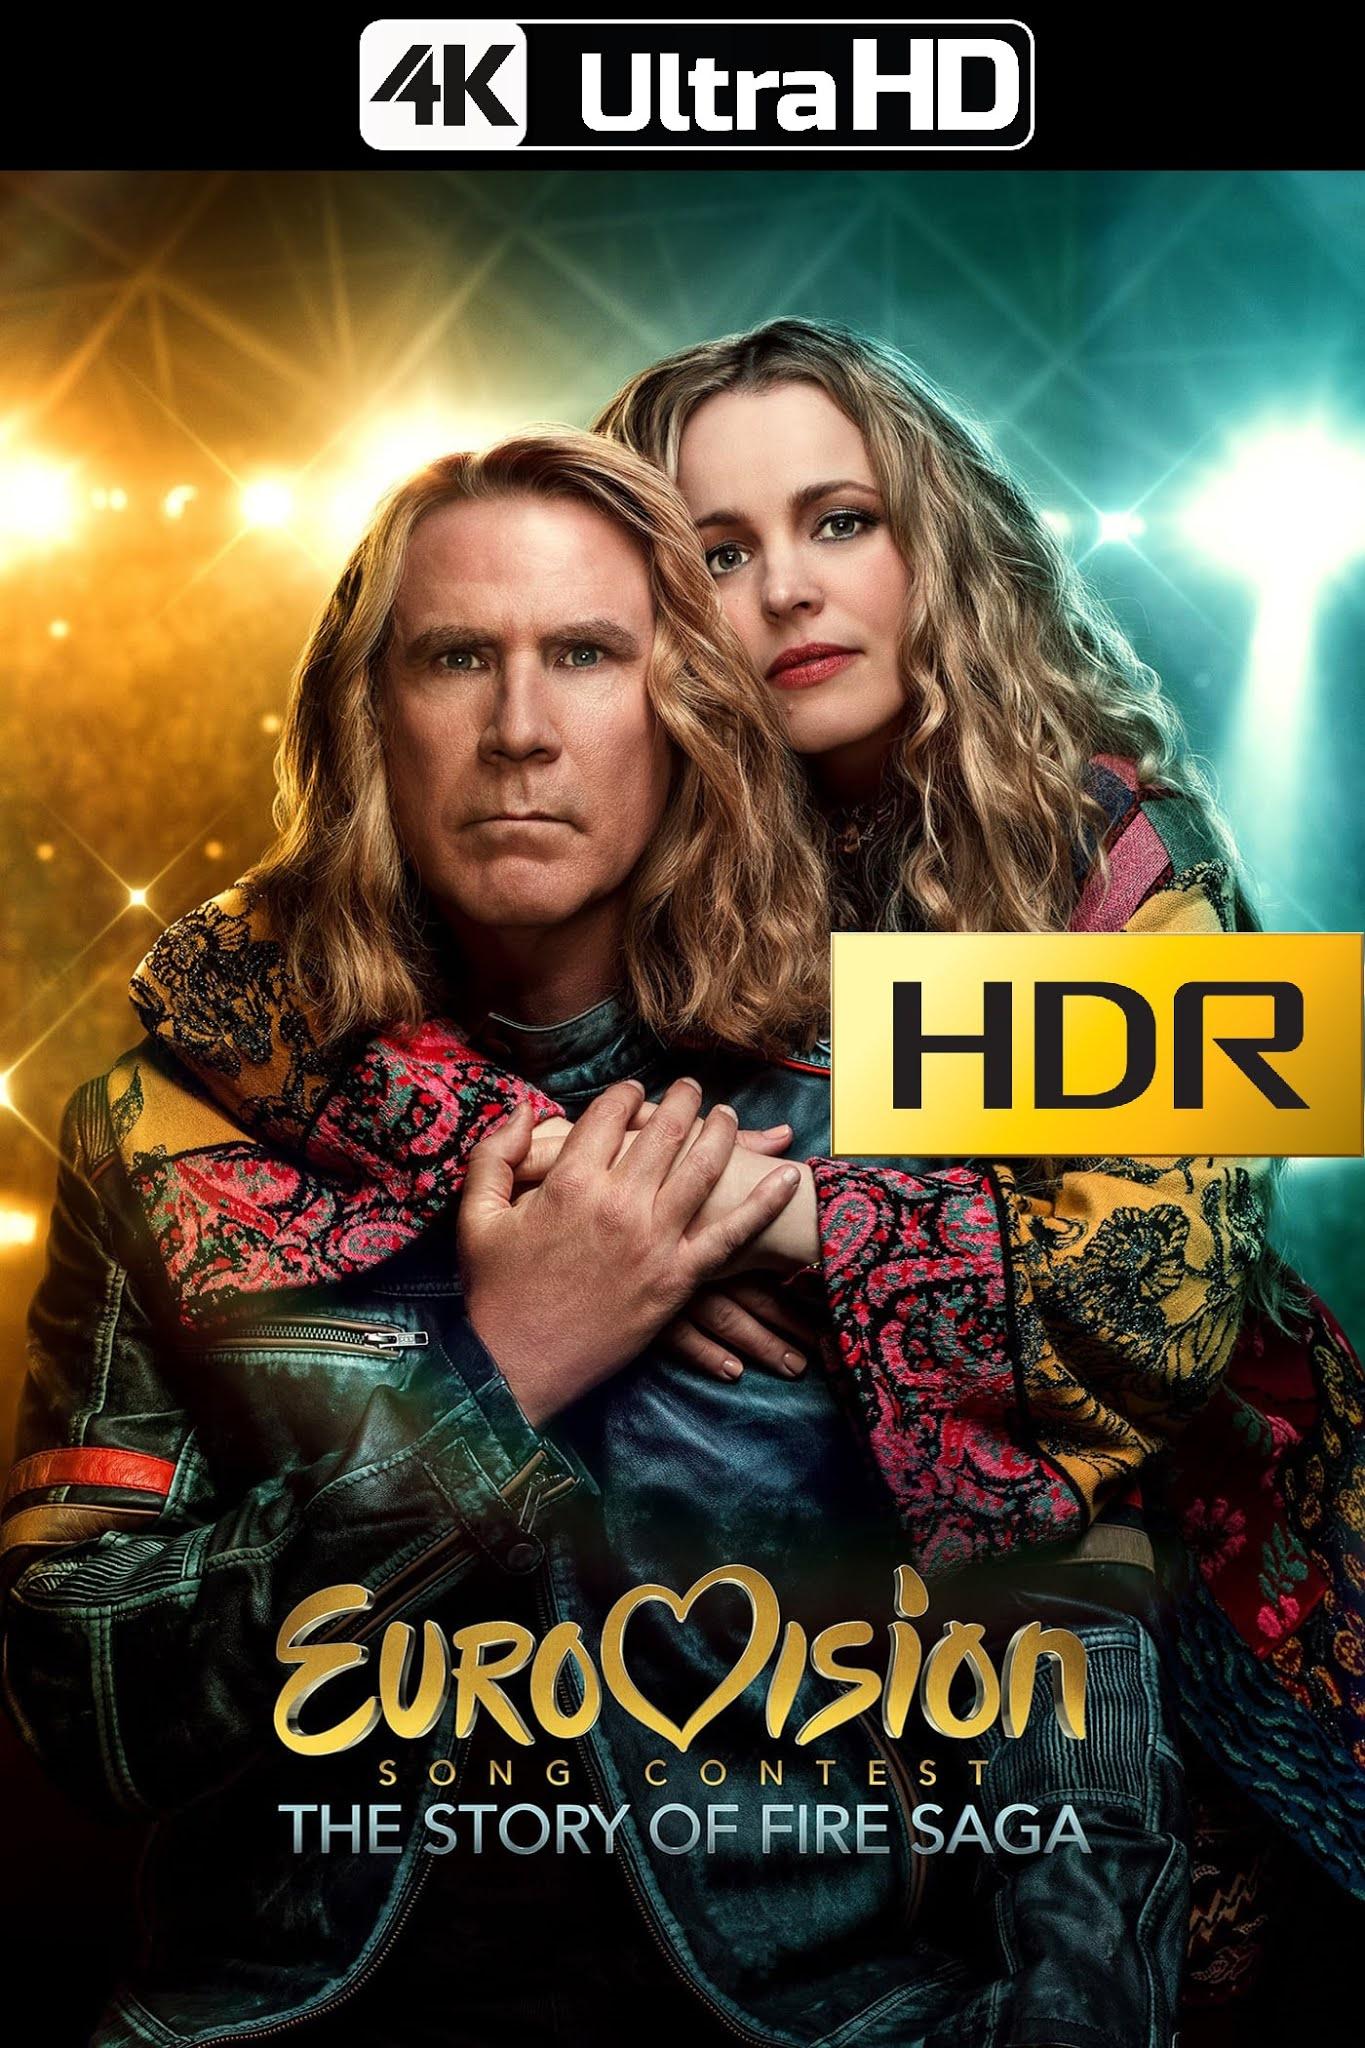 Festival de la Canción de Eurovisión: La historia de Fire Saga (2020) 4K UHD HDR Web-DL Latino